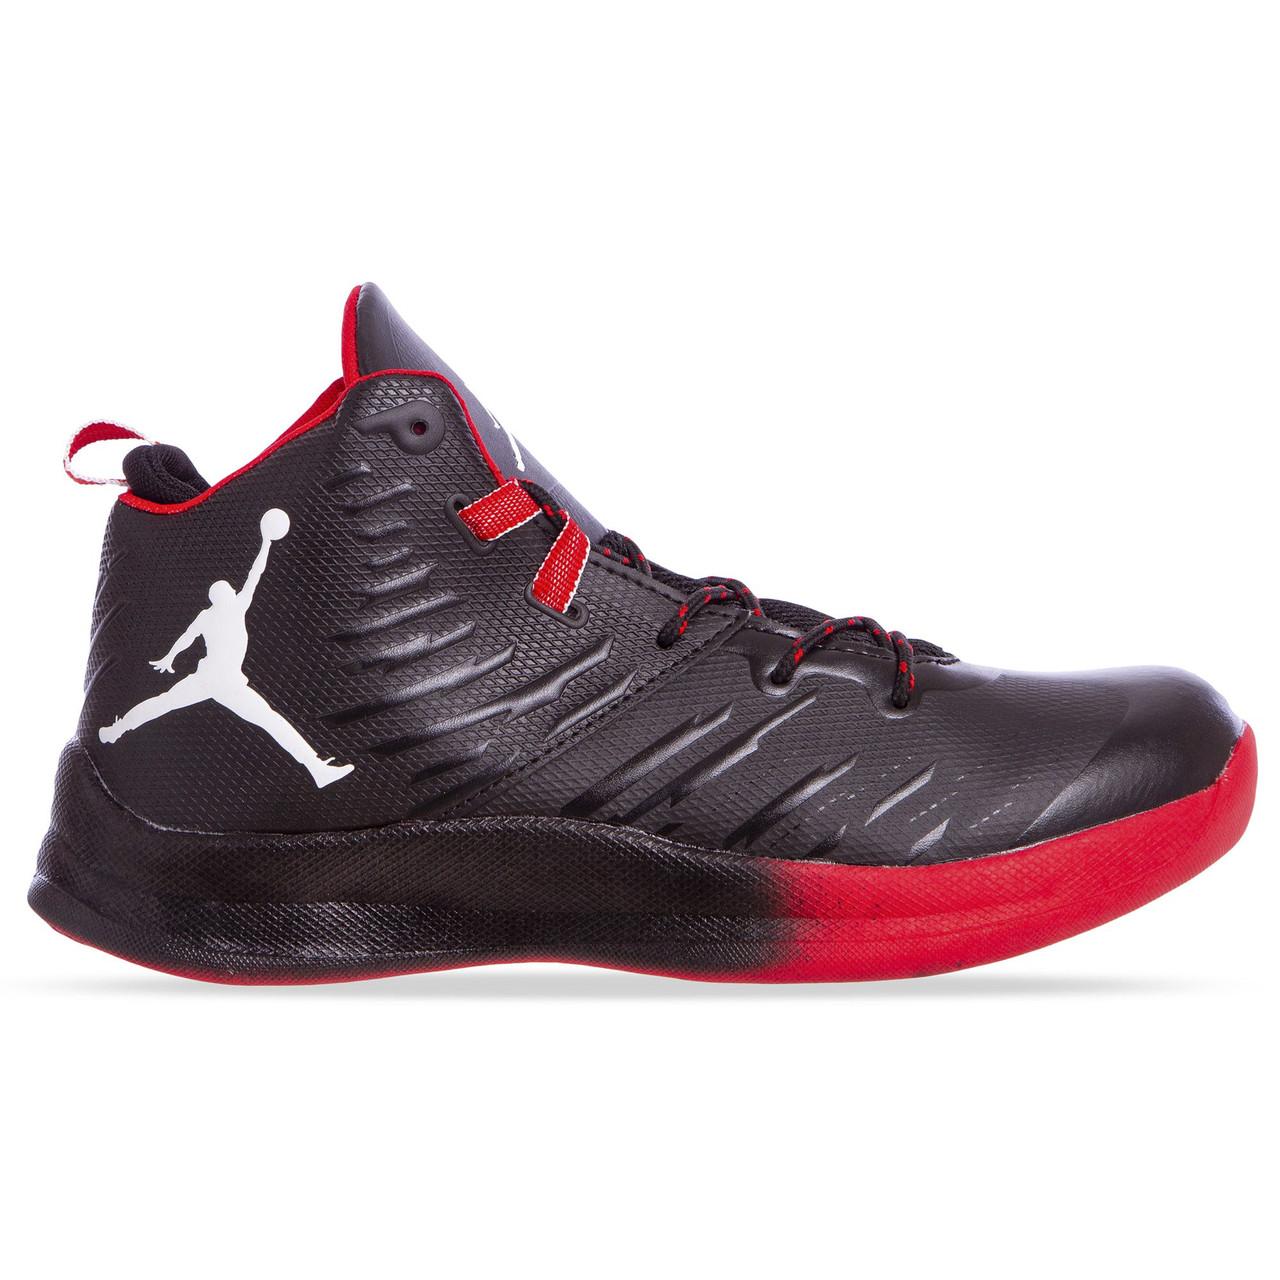 Баскетбольные кроссовки Jordan черно-красные W8509-2, 42